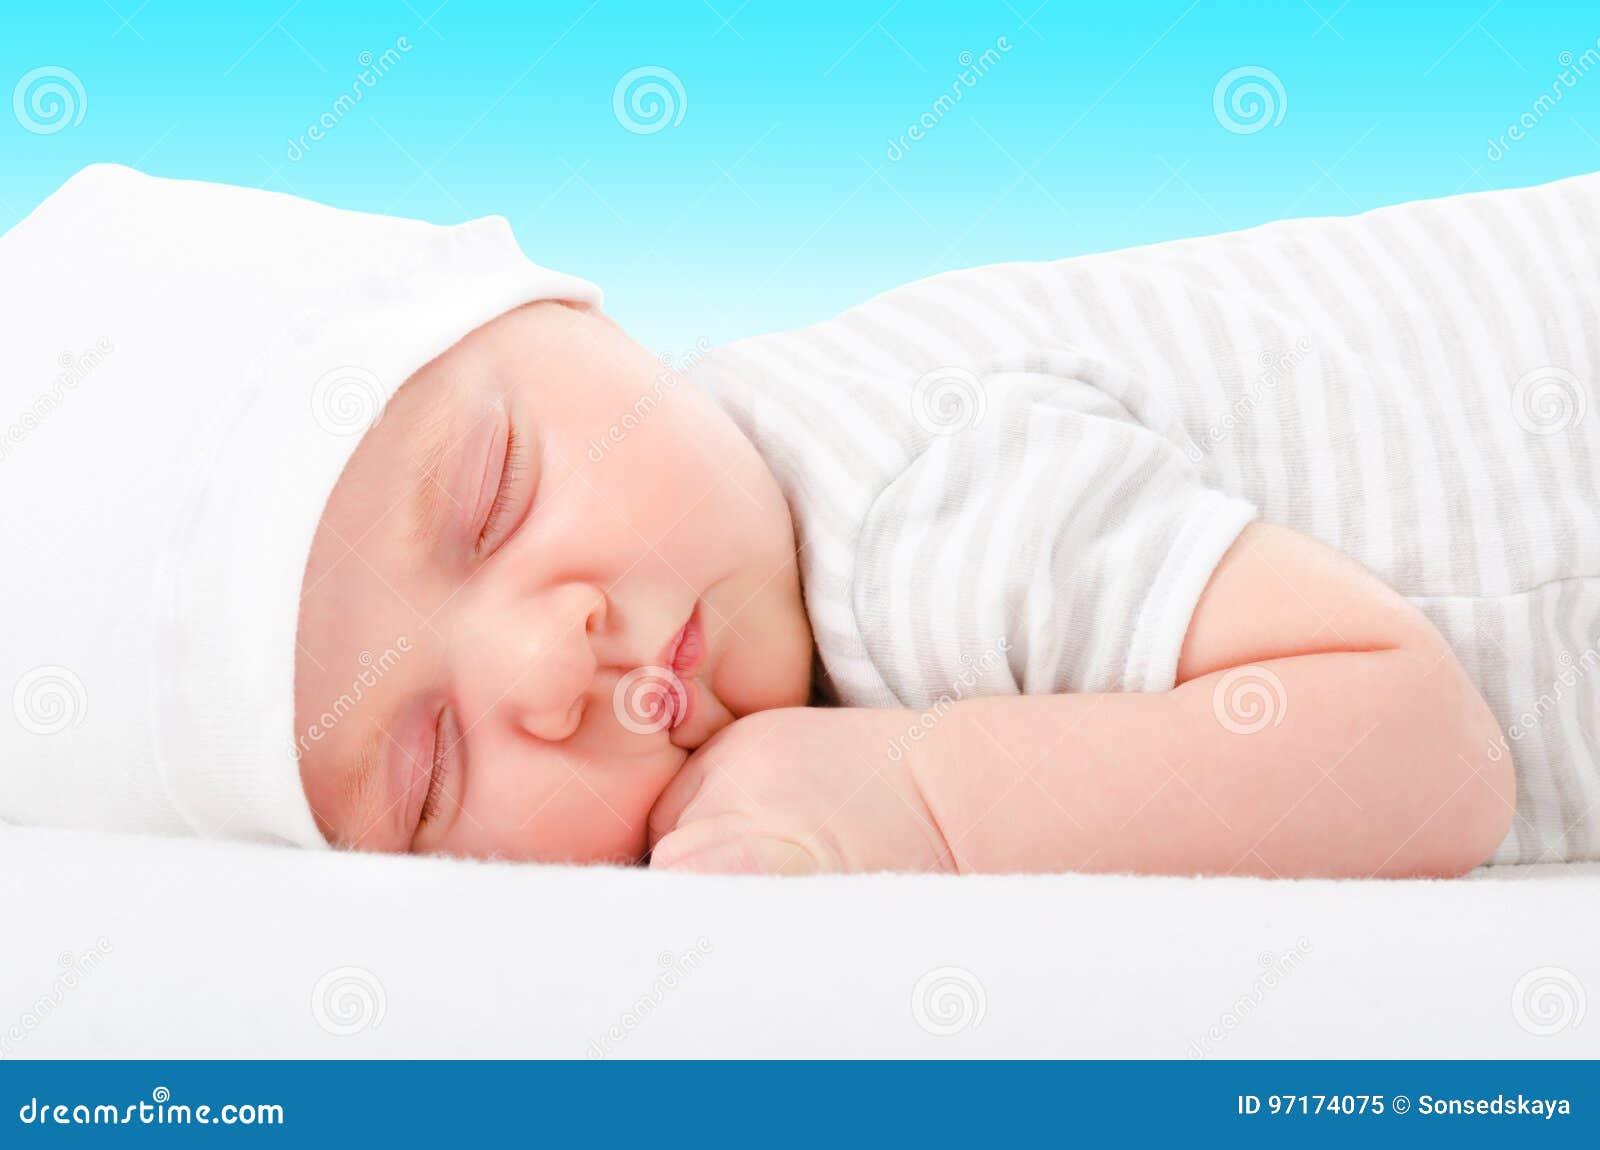 Portrait of a cute newborn sleeping baby